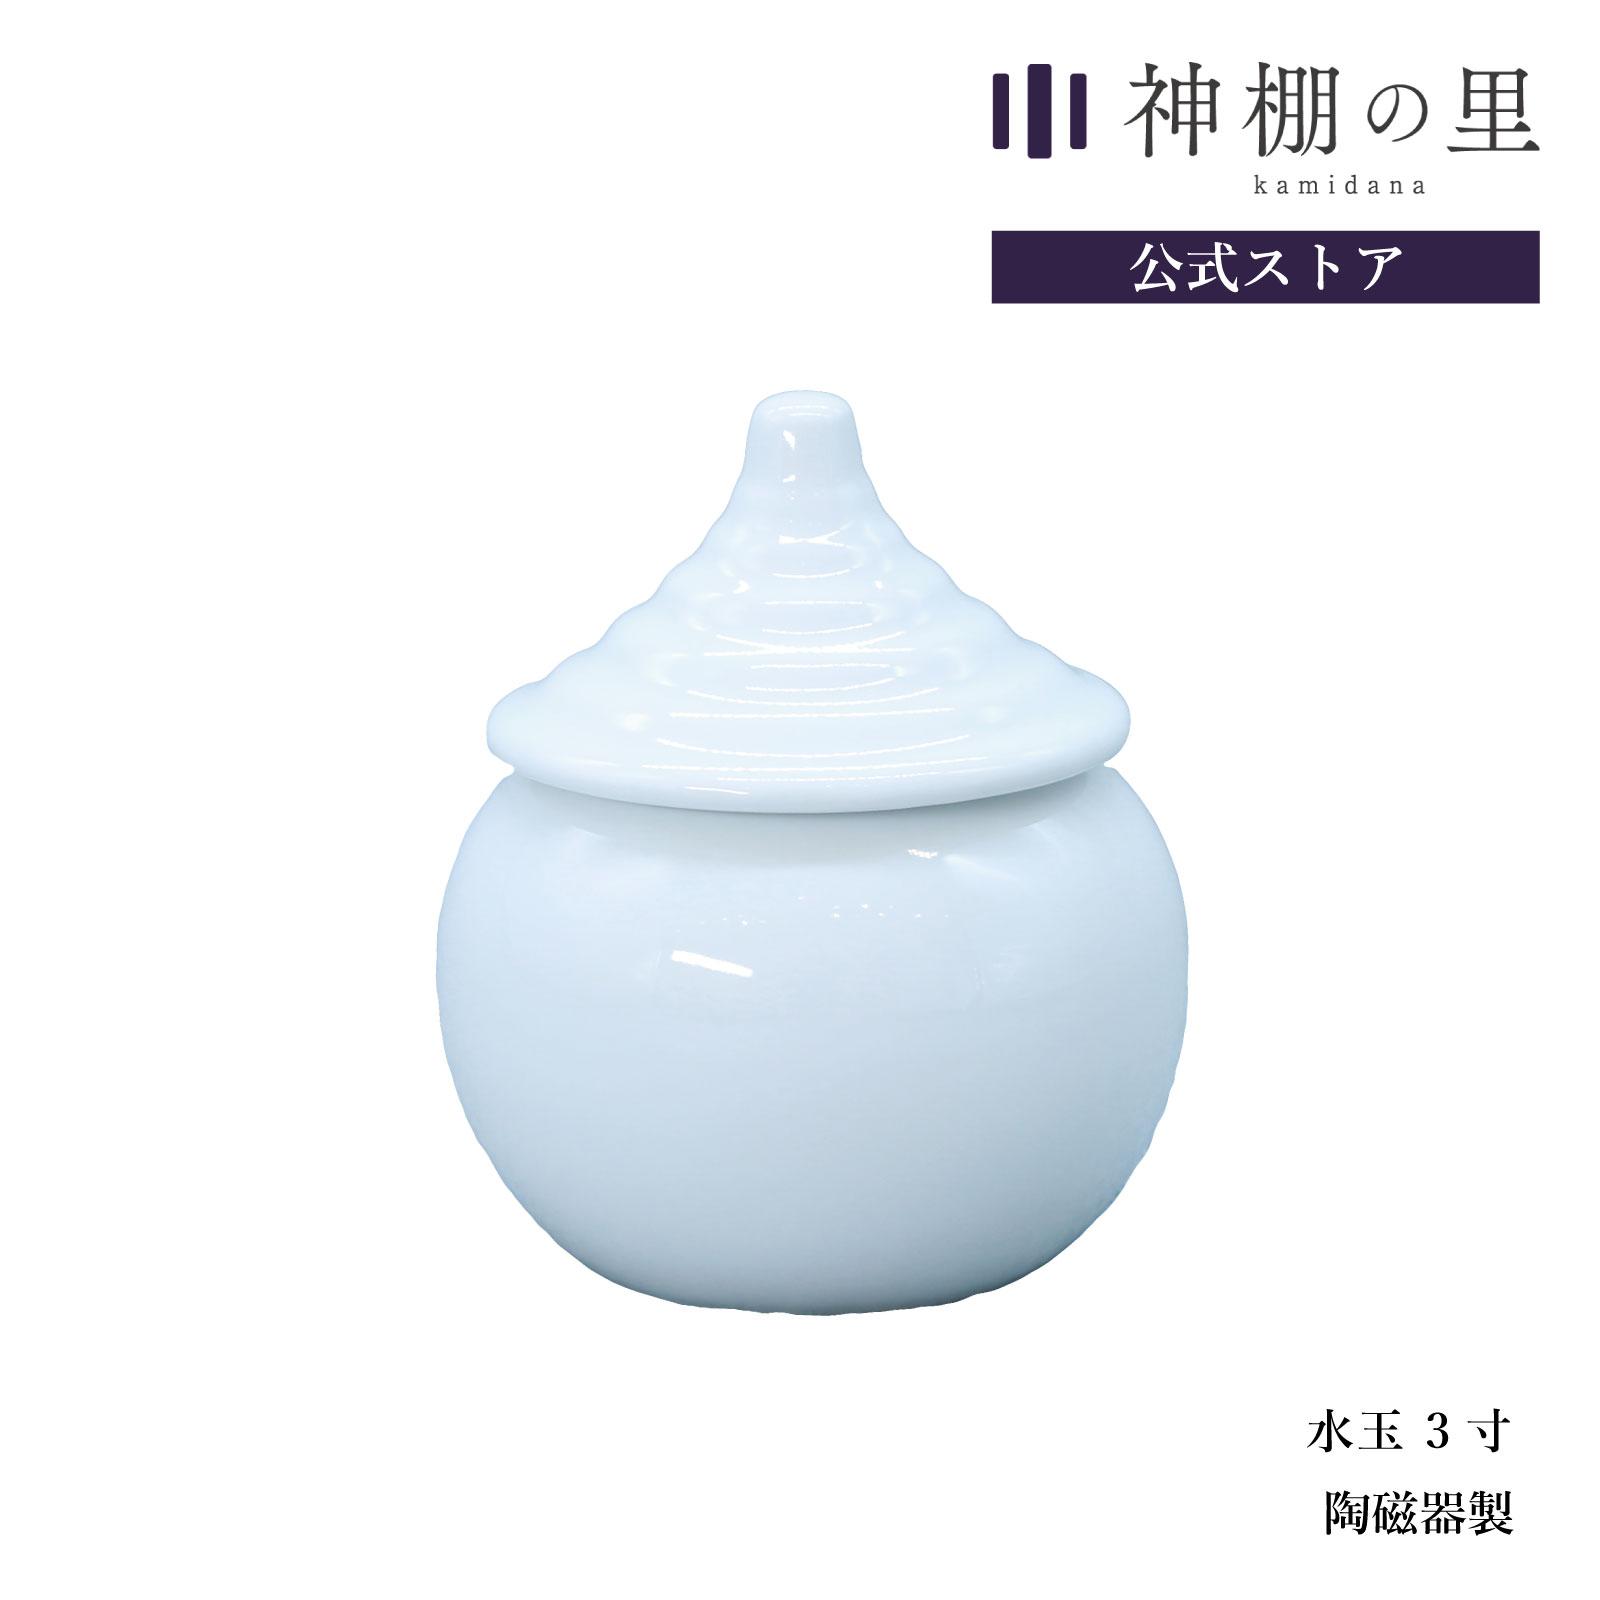 神棚にお供えする、お水を入れる器です。 神棚の里【公式】 神棚 神具 水玉 水玉 3寸 水 水入れ 1本 陶器